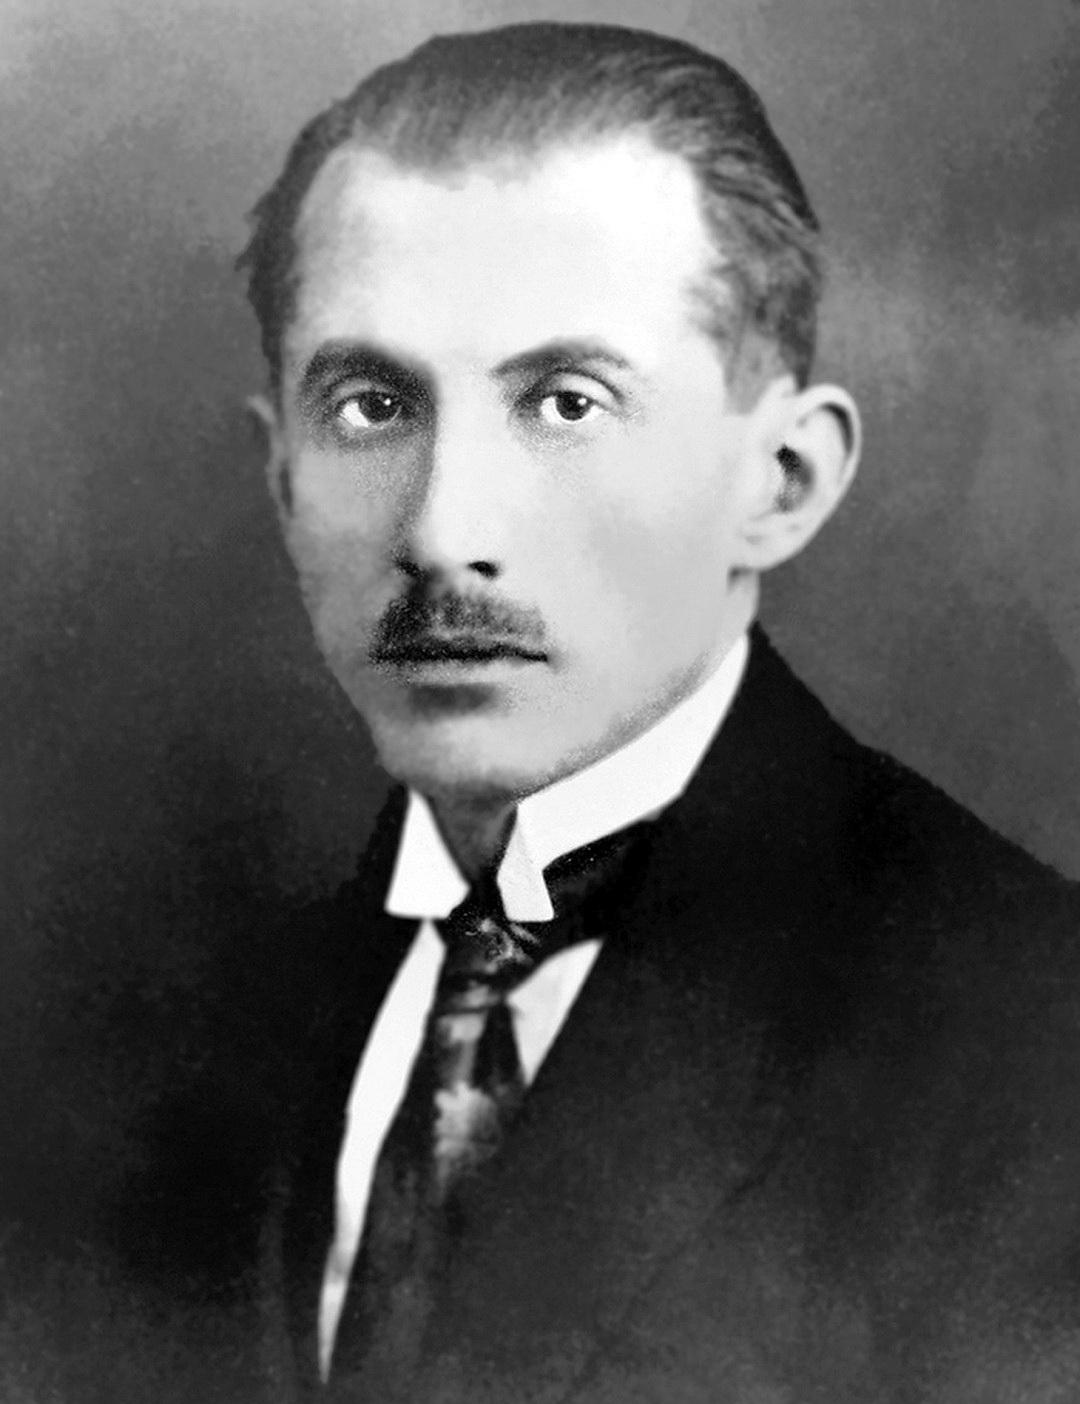 19-студент-правник Євген Коновалець, 1910-ті рр. 1